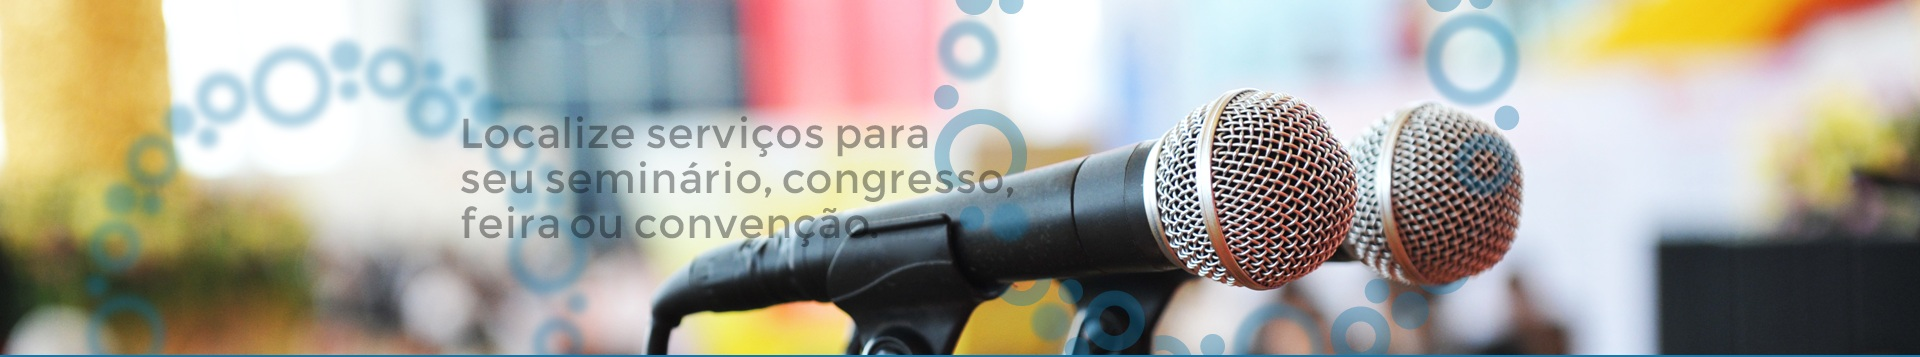 Localize serviços para seminário, congresso, feira ou convenção